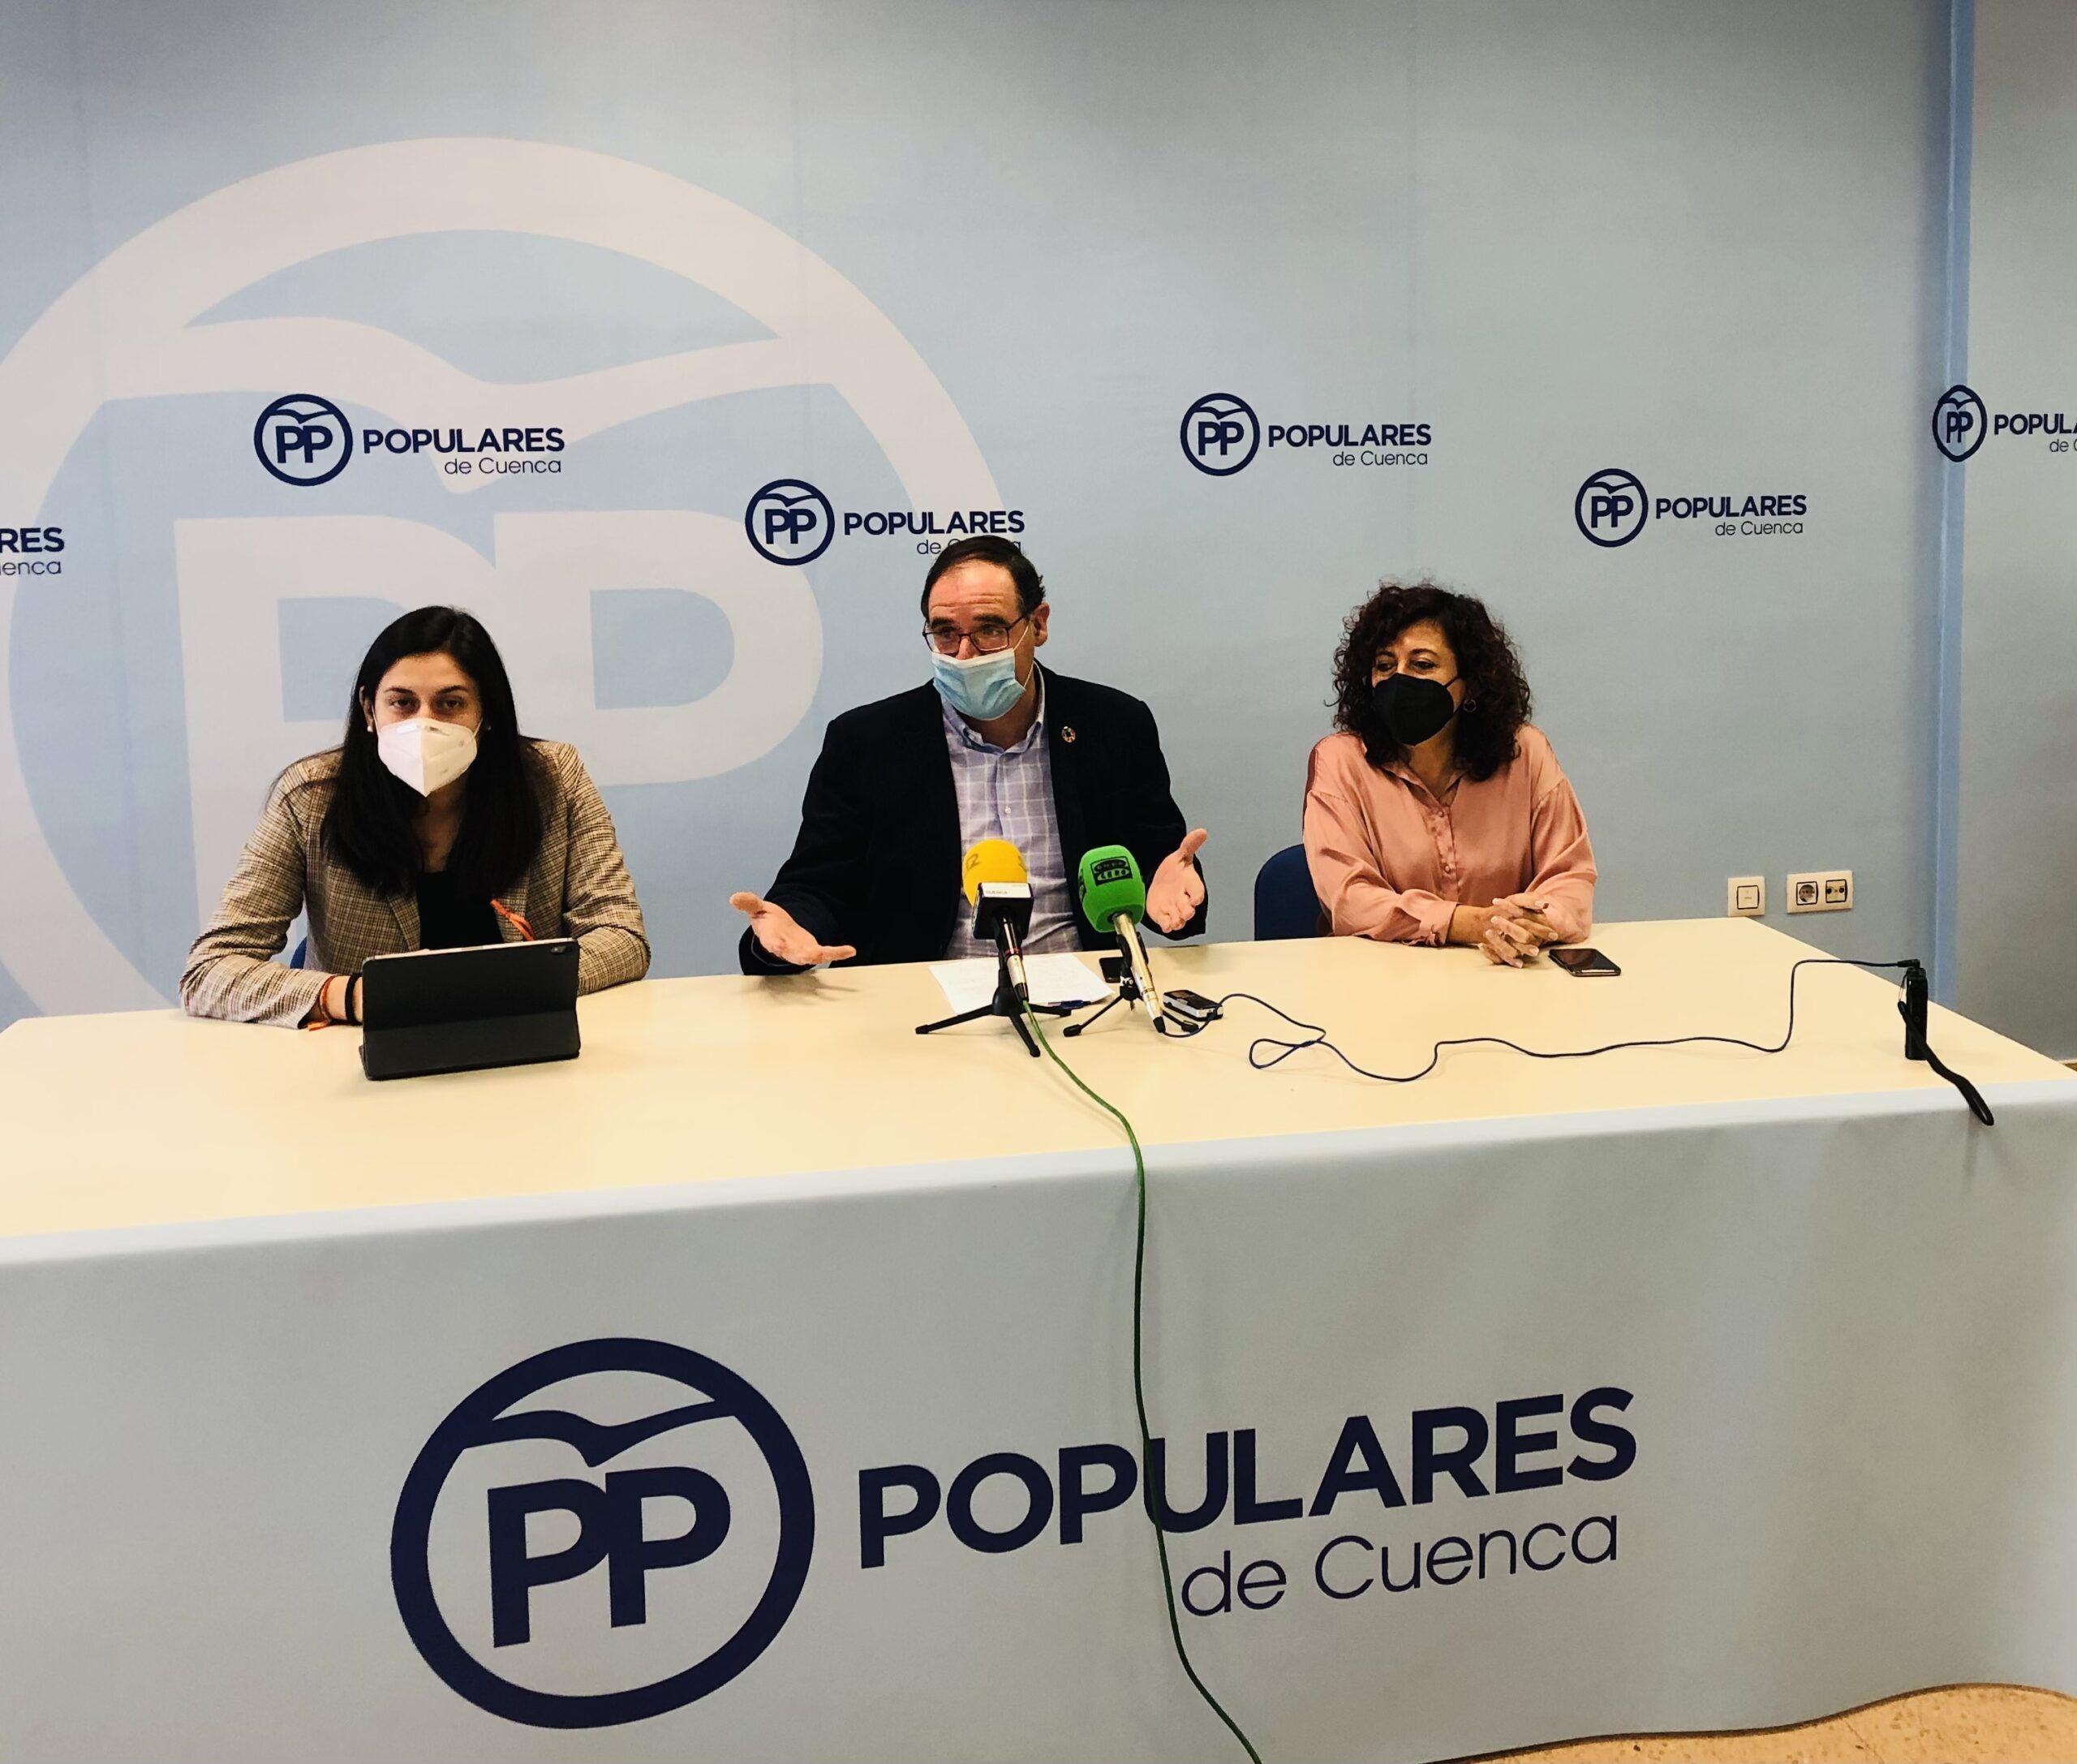 El PP centra sus enmiendas en reclamar a Sánchez autovías y carreteras para Cuenca e inversiones en turismo y patrimonio